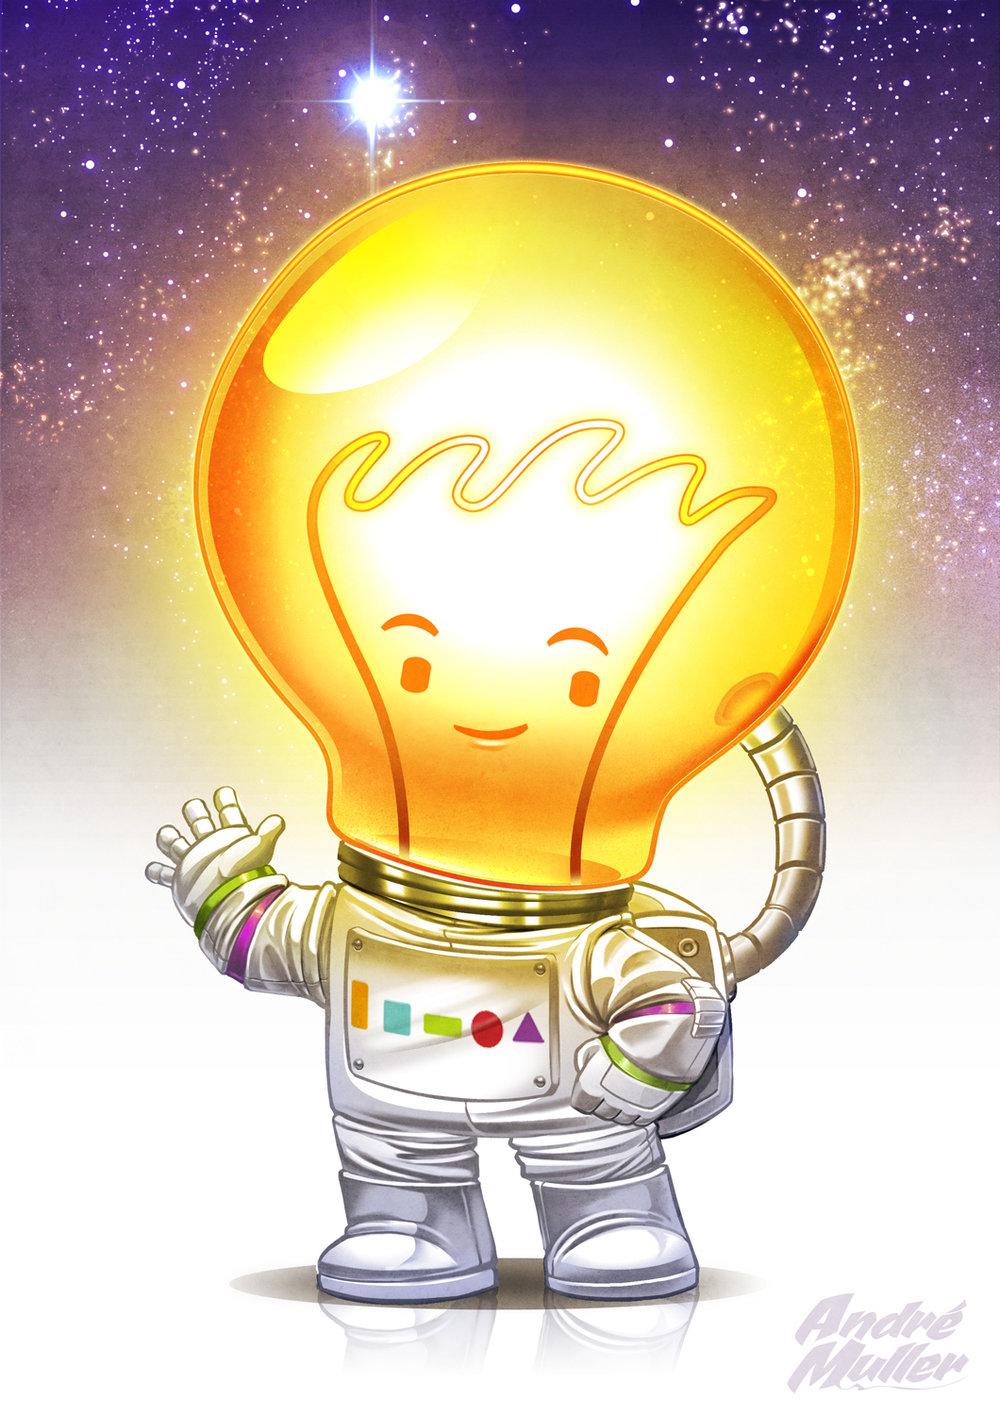 mascote lampada.jpg